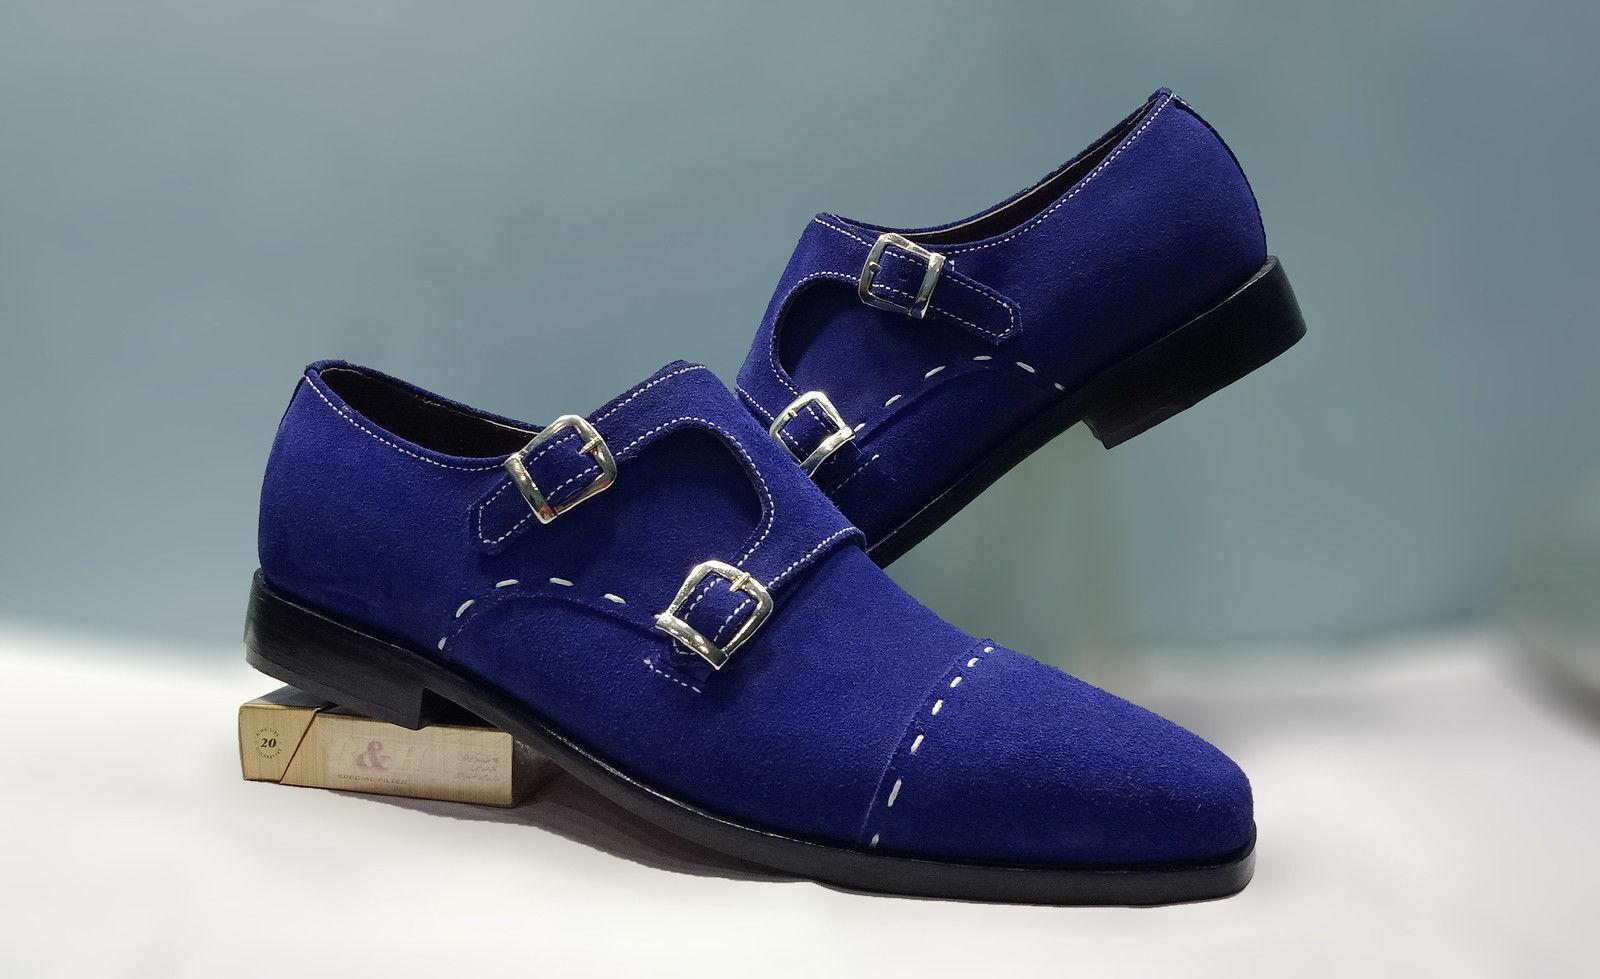 Mens Handmade scarpe blu Sude  Double Buckle Monk Dress Formal Wear avvio Slip -on  negozio fa acquisti e vendite